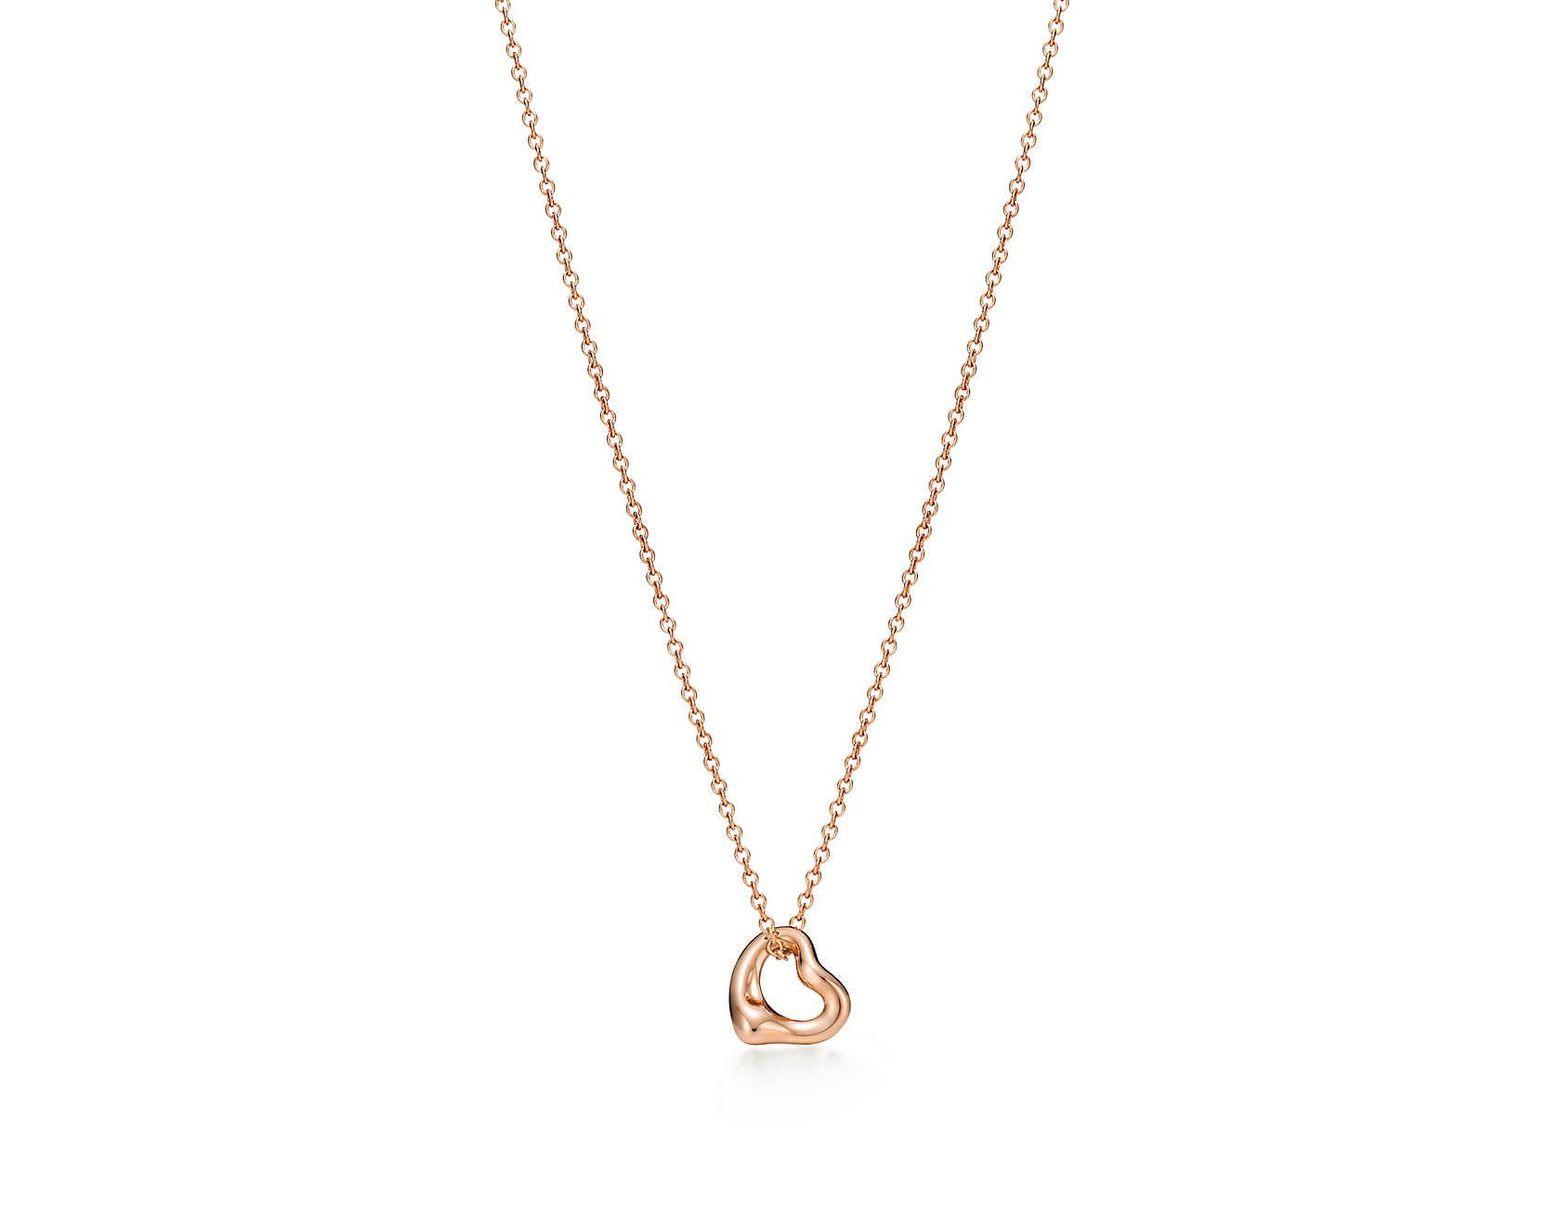 4ba8564ba Tiffany & Co. Elsa Peretti® Open Heart Pendant In 18k Rose Gold in Metallic  - Lyst